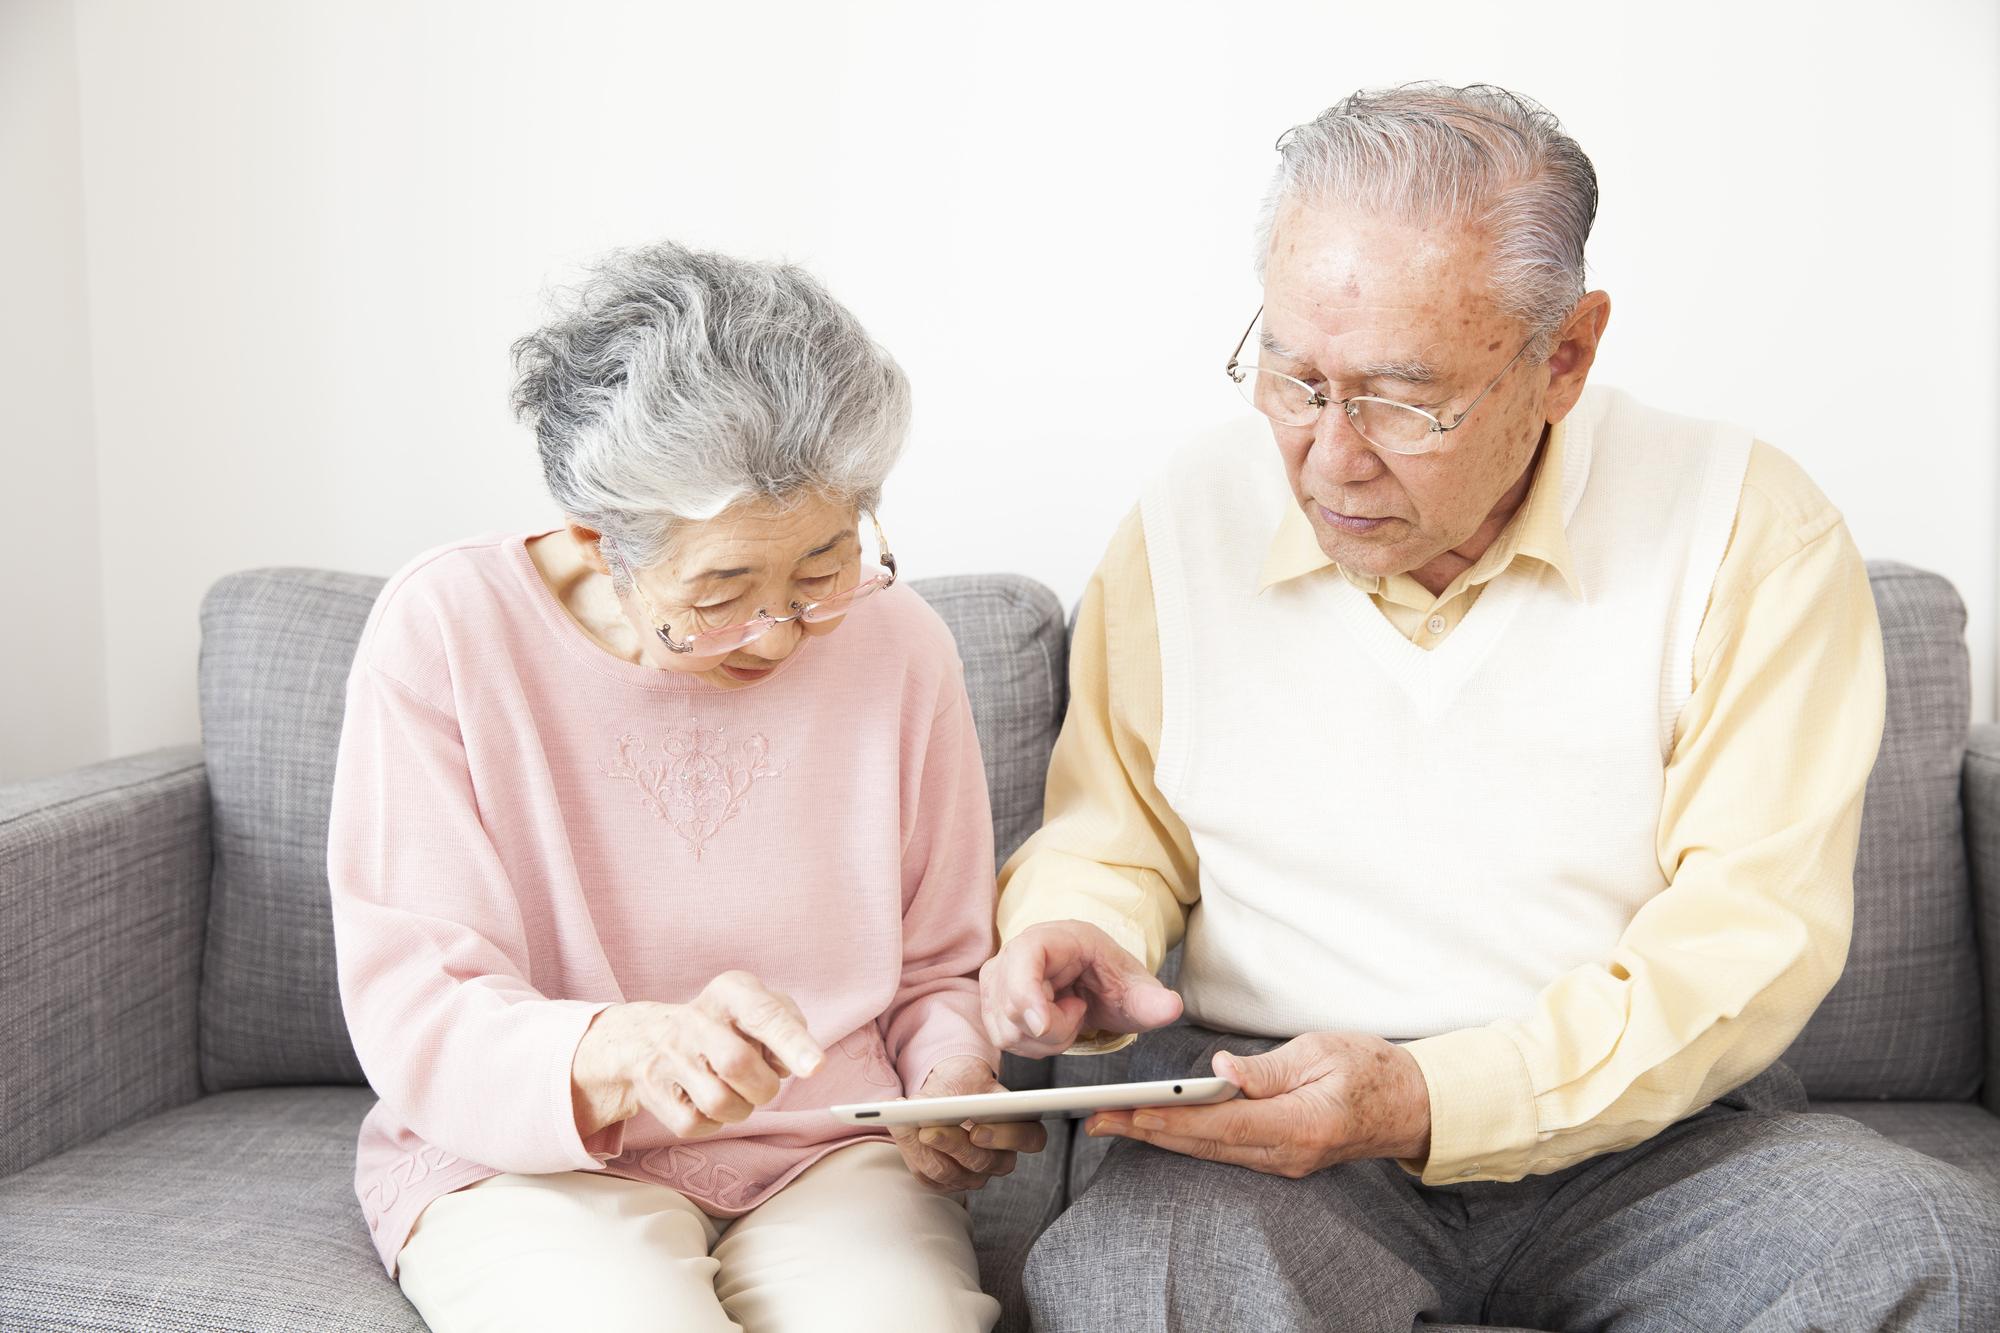 高齢者が使うスマホやタブレットは・・・